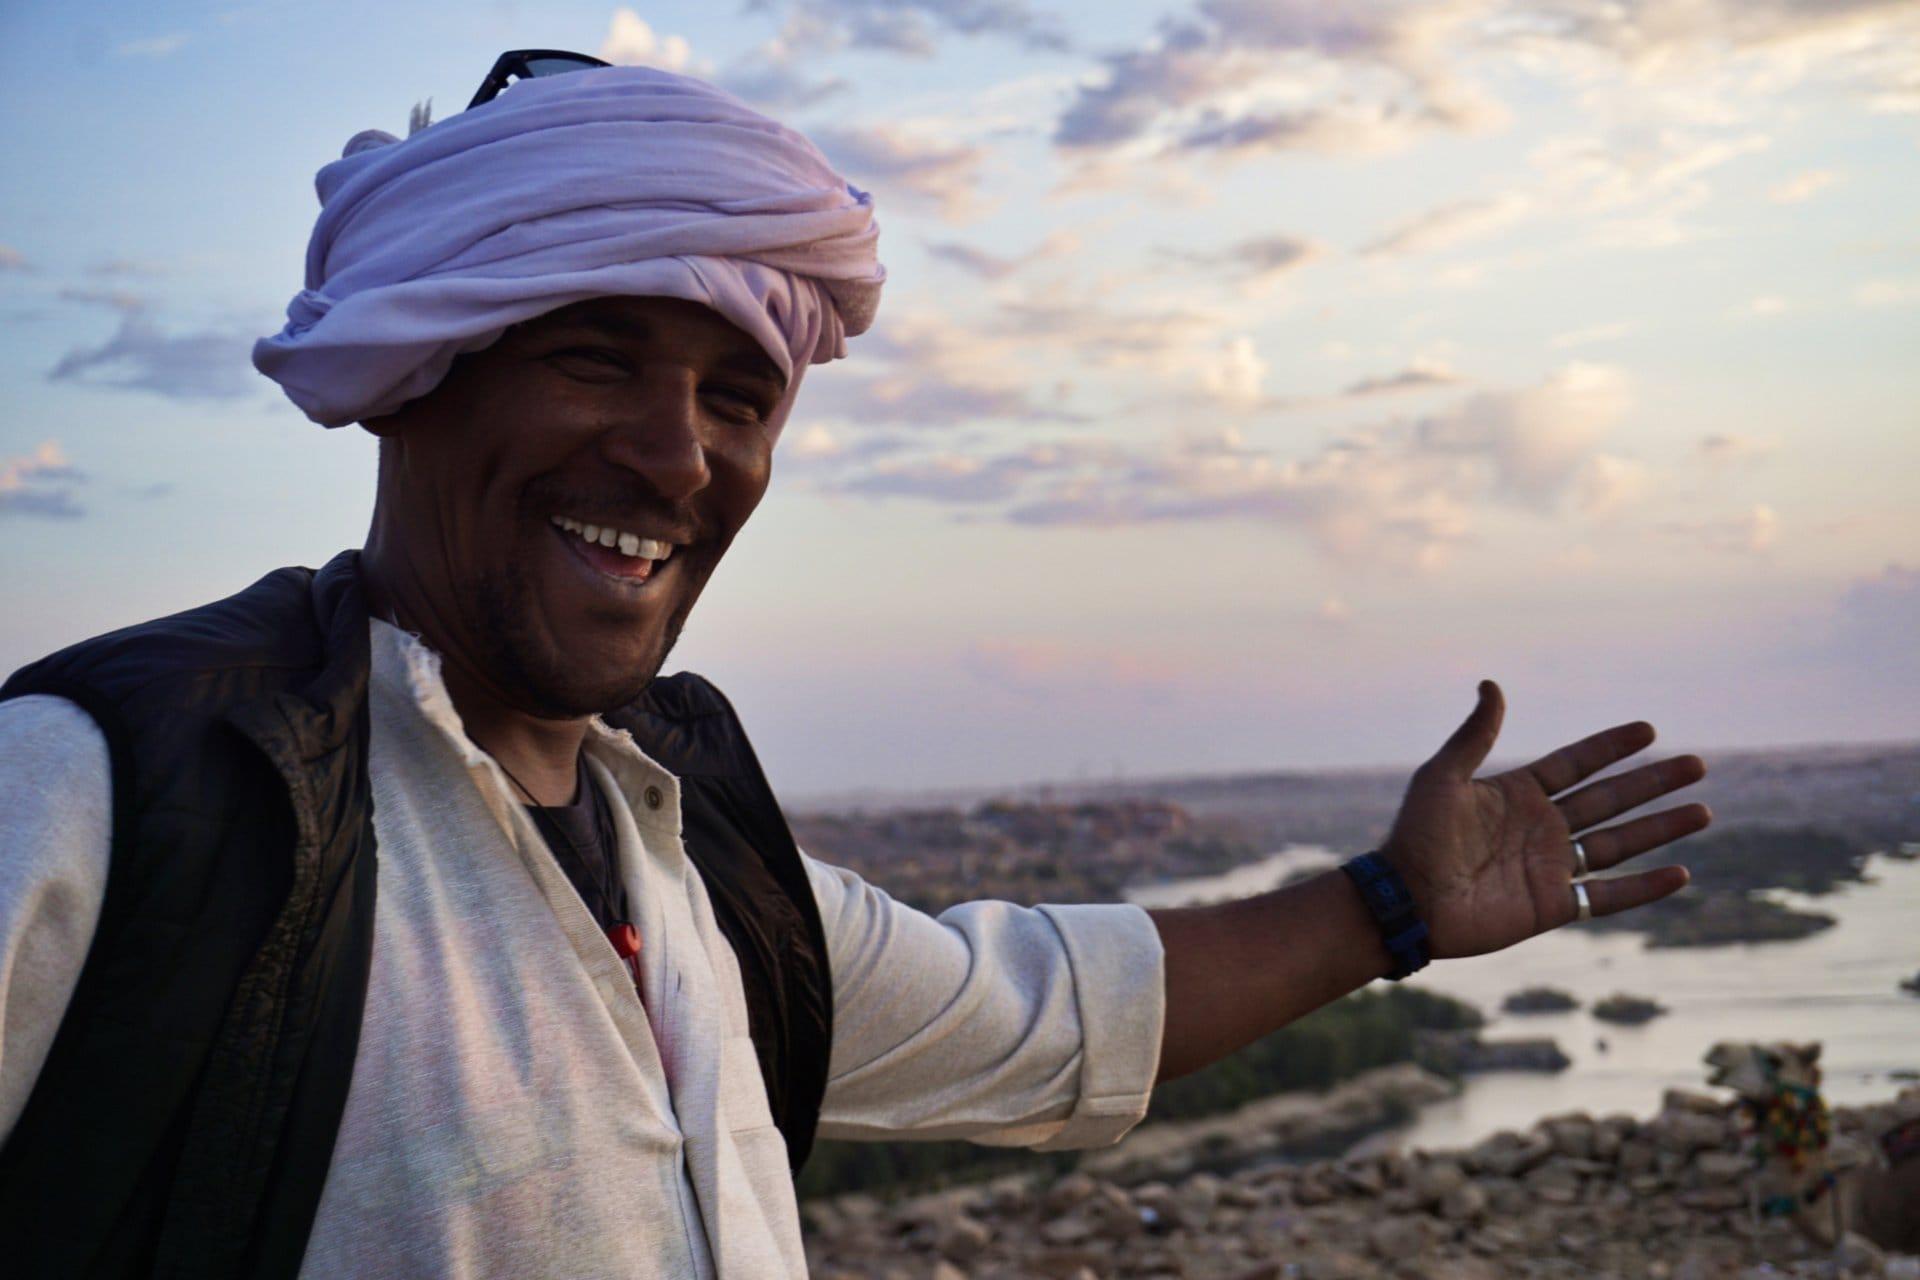 Abo Elhawa, Egypt - Experiencing the Globe